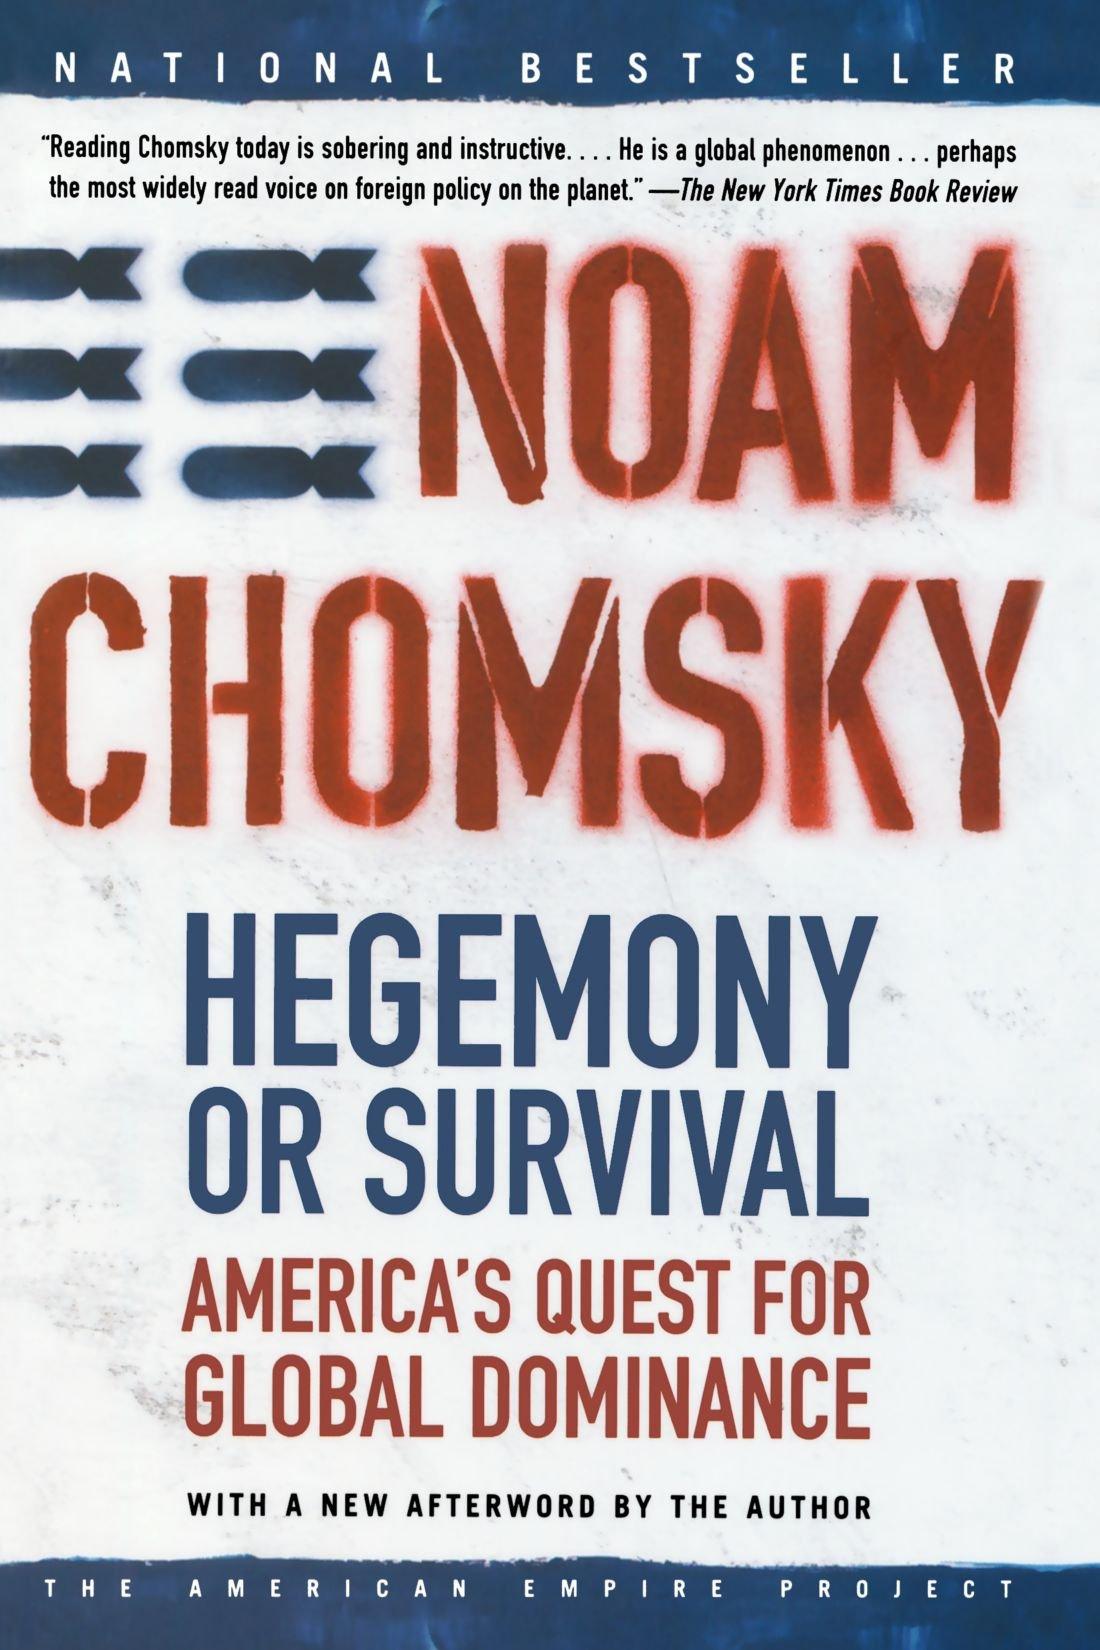 """""""Hegemonía o supervivencia: la búsqueda estadounidense del dominio global"""", un clásico del intelectual crítico estadounidense Noam Chomsky"""